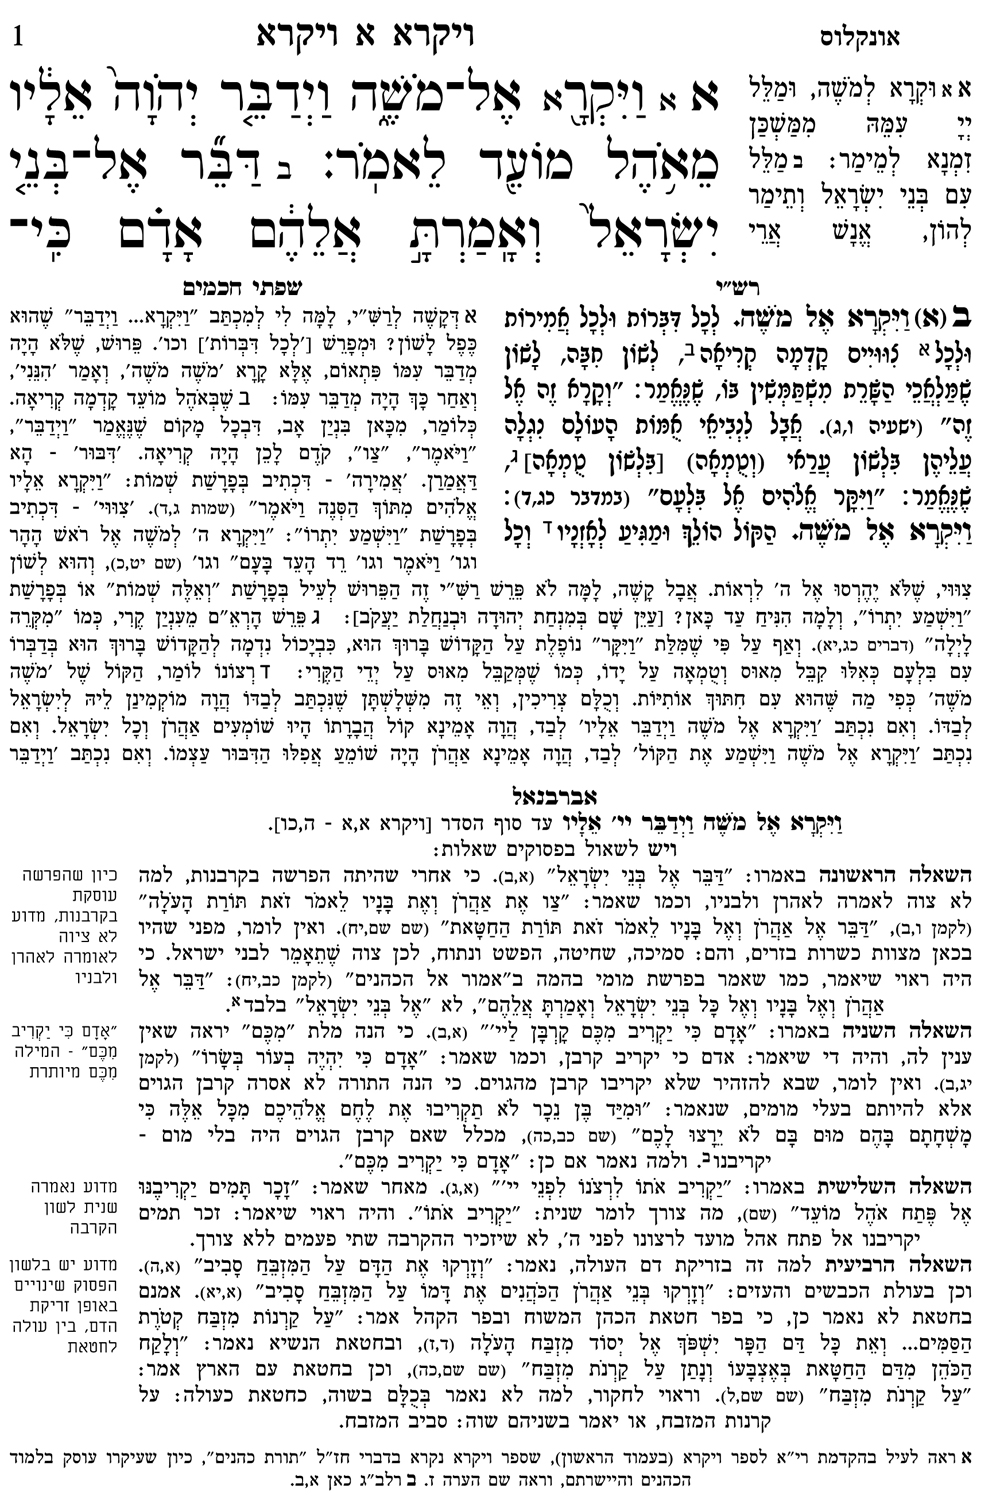 חומש אור יצחק - אברבנאל על התורה